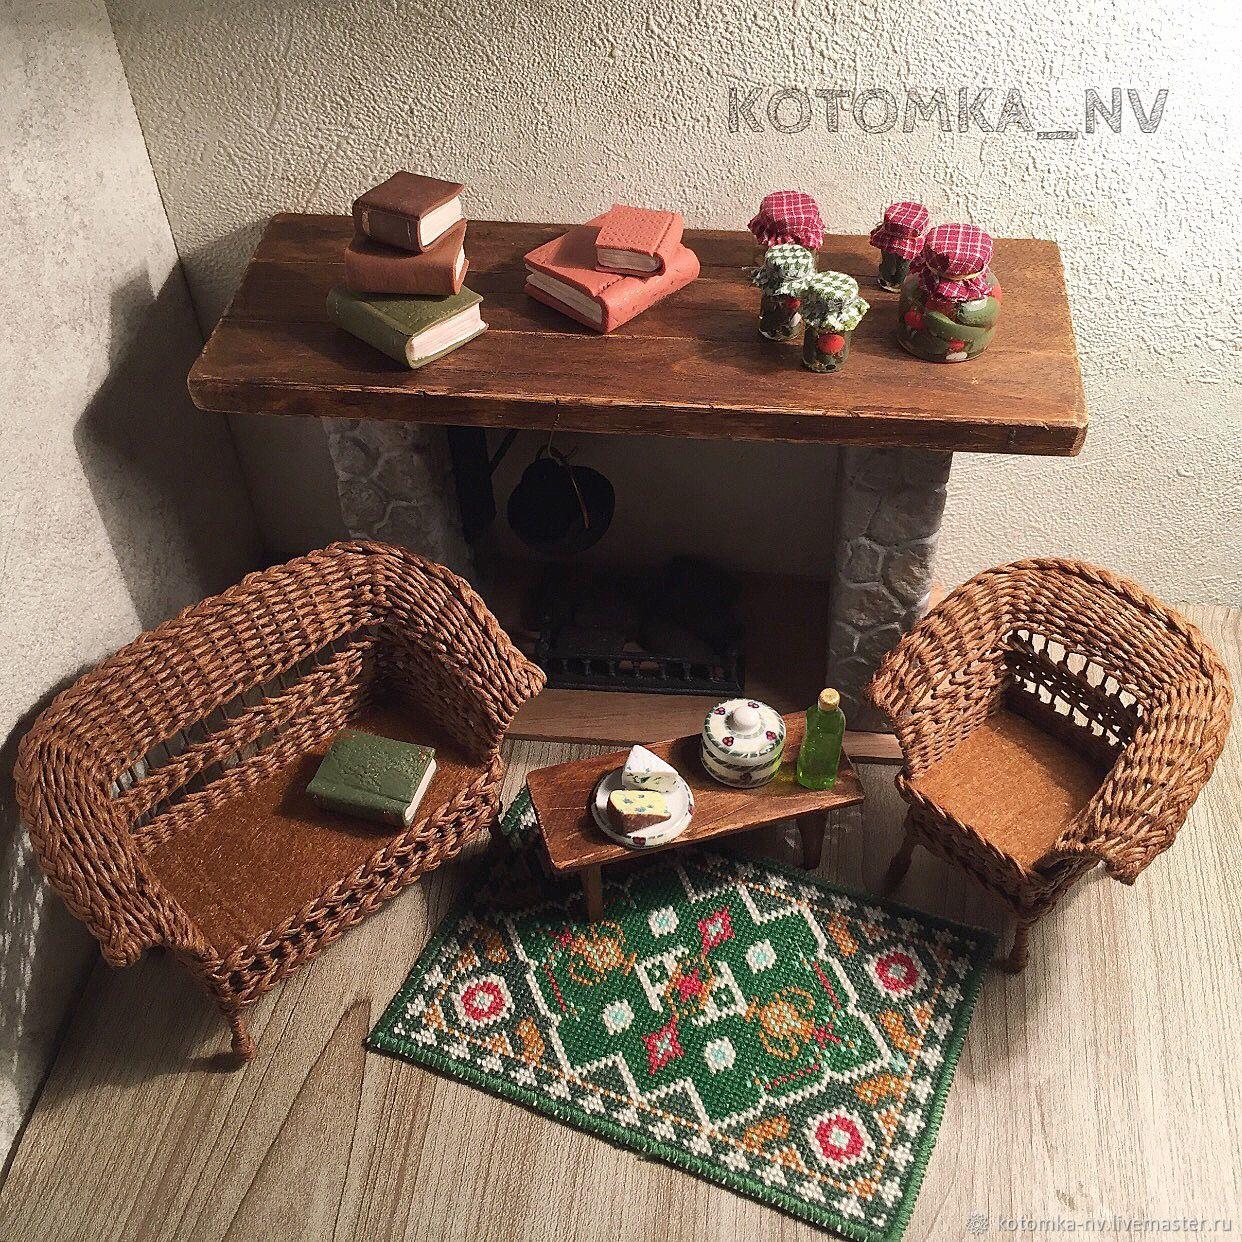 Плетеная мебель для кукол - кресло и диван - кукольная миниатюра #kotomka_nv_set_F005 - набор кукольной мебели плетеной